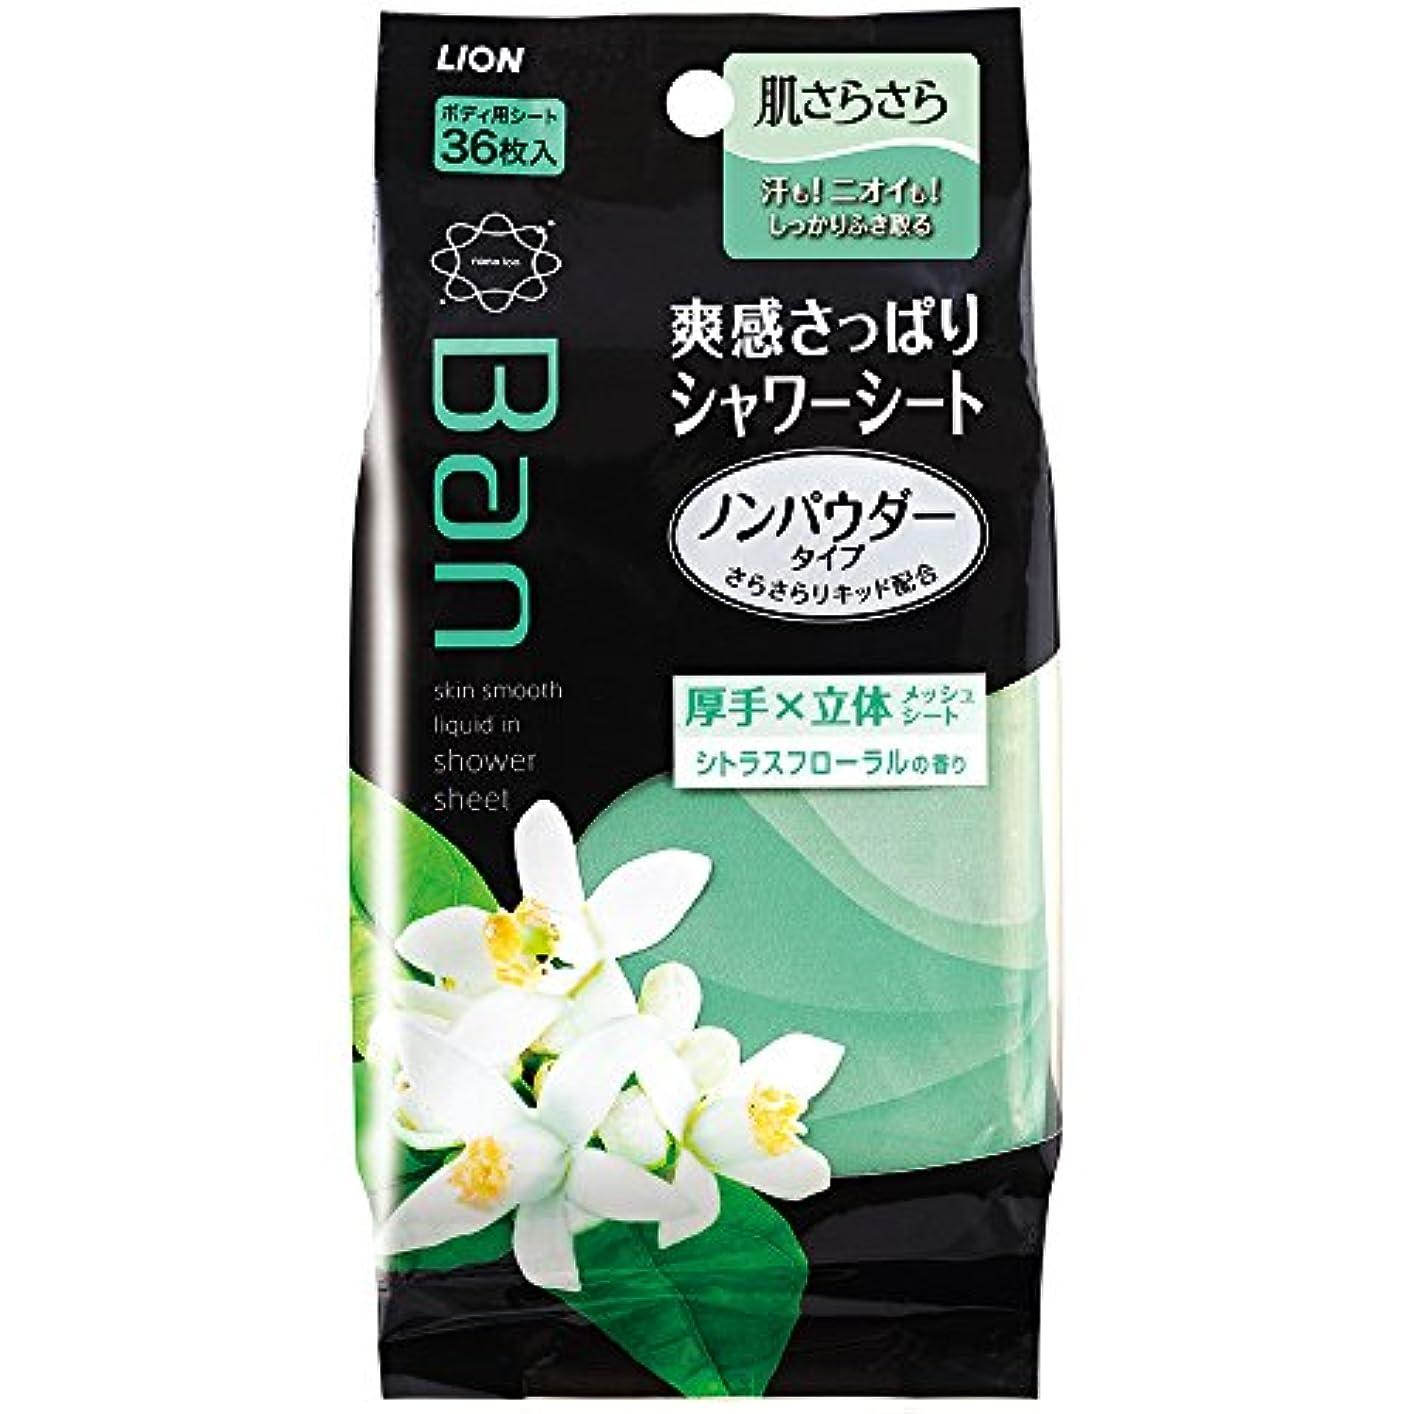 完璧なそこ眉Ban(バン) 爽感さっぱりシャワーシート ノンパウダータイプ シトラスフローラルの香り 36枚